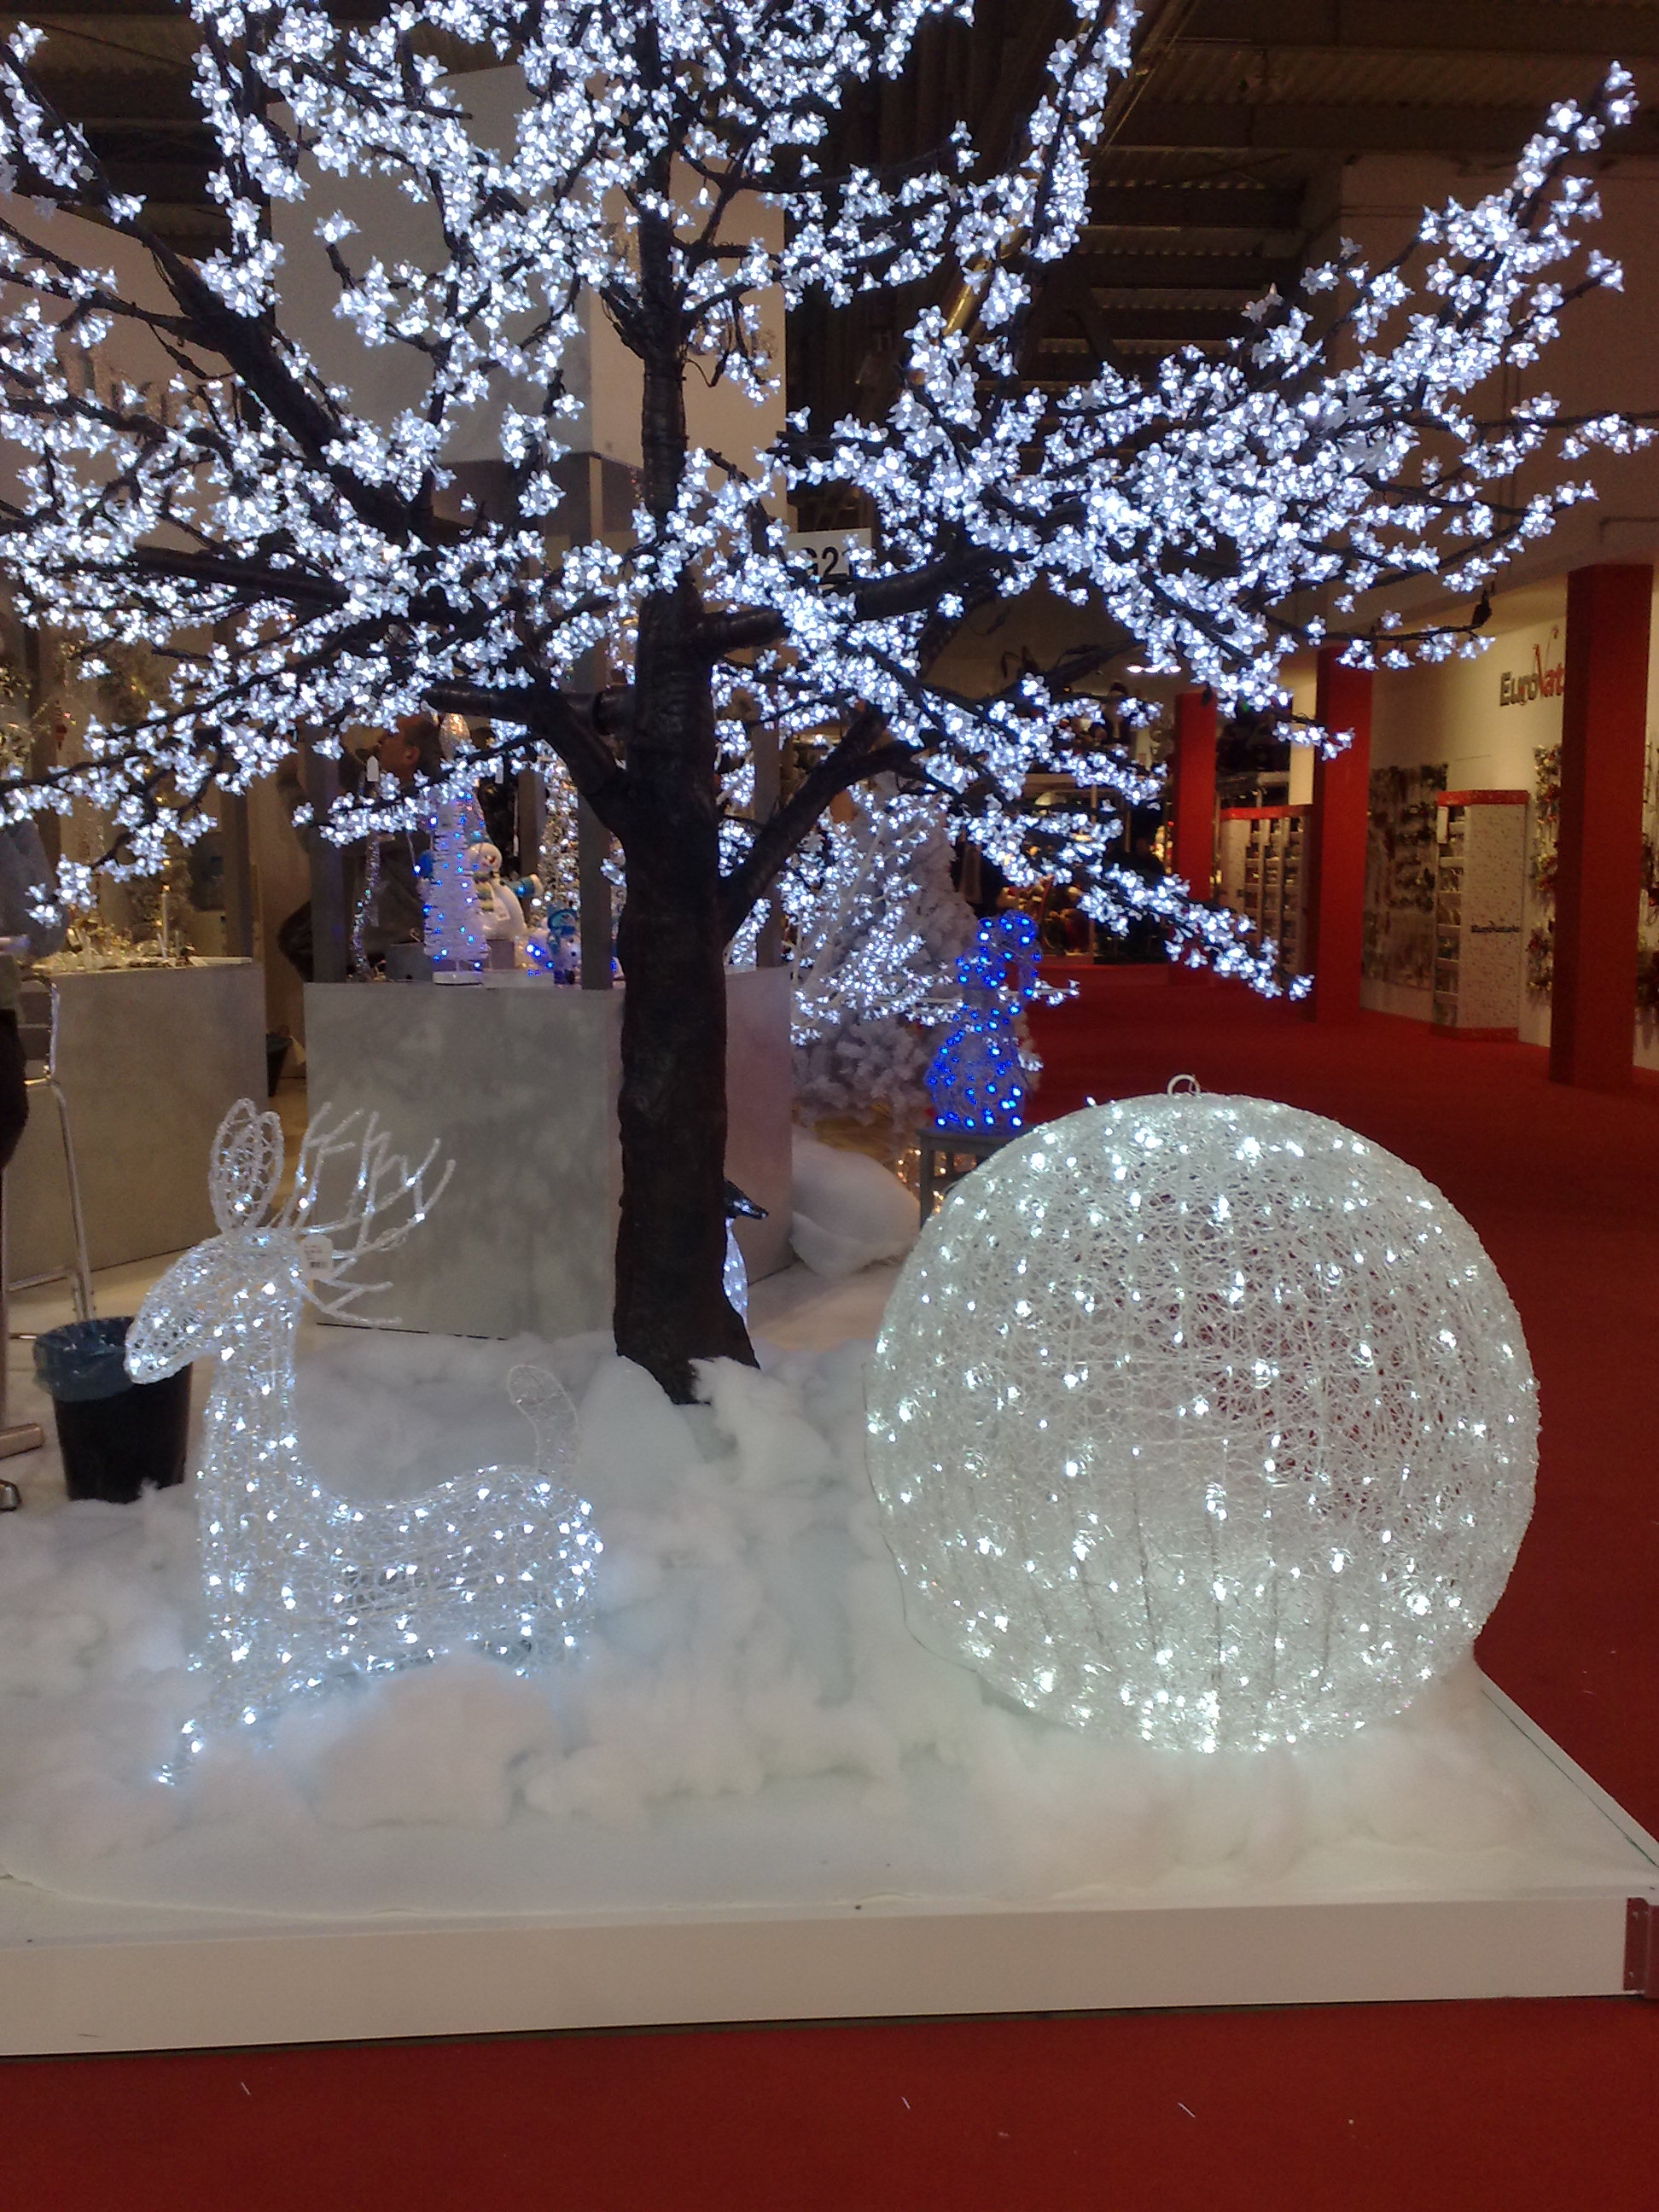 Addobbi Natalizi Luminosi.Noleggio Addobbi Natalizi Soggetti Luminosi Speciale Natale A Milano